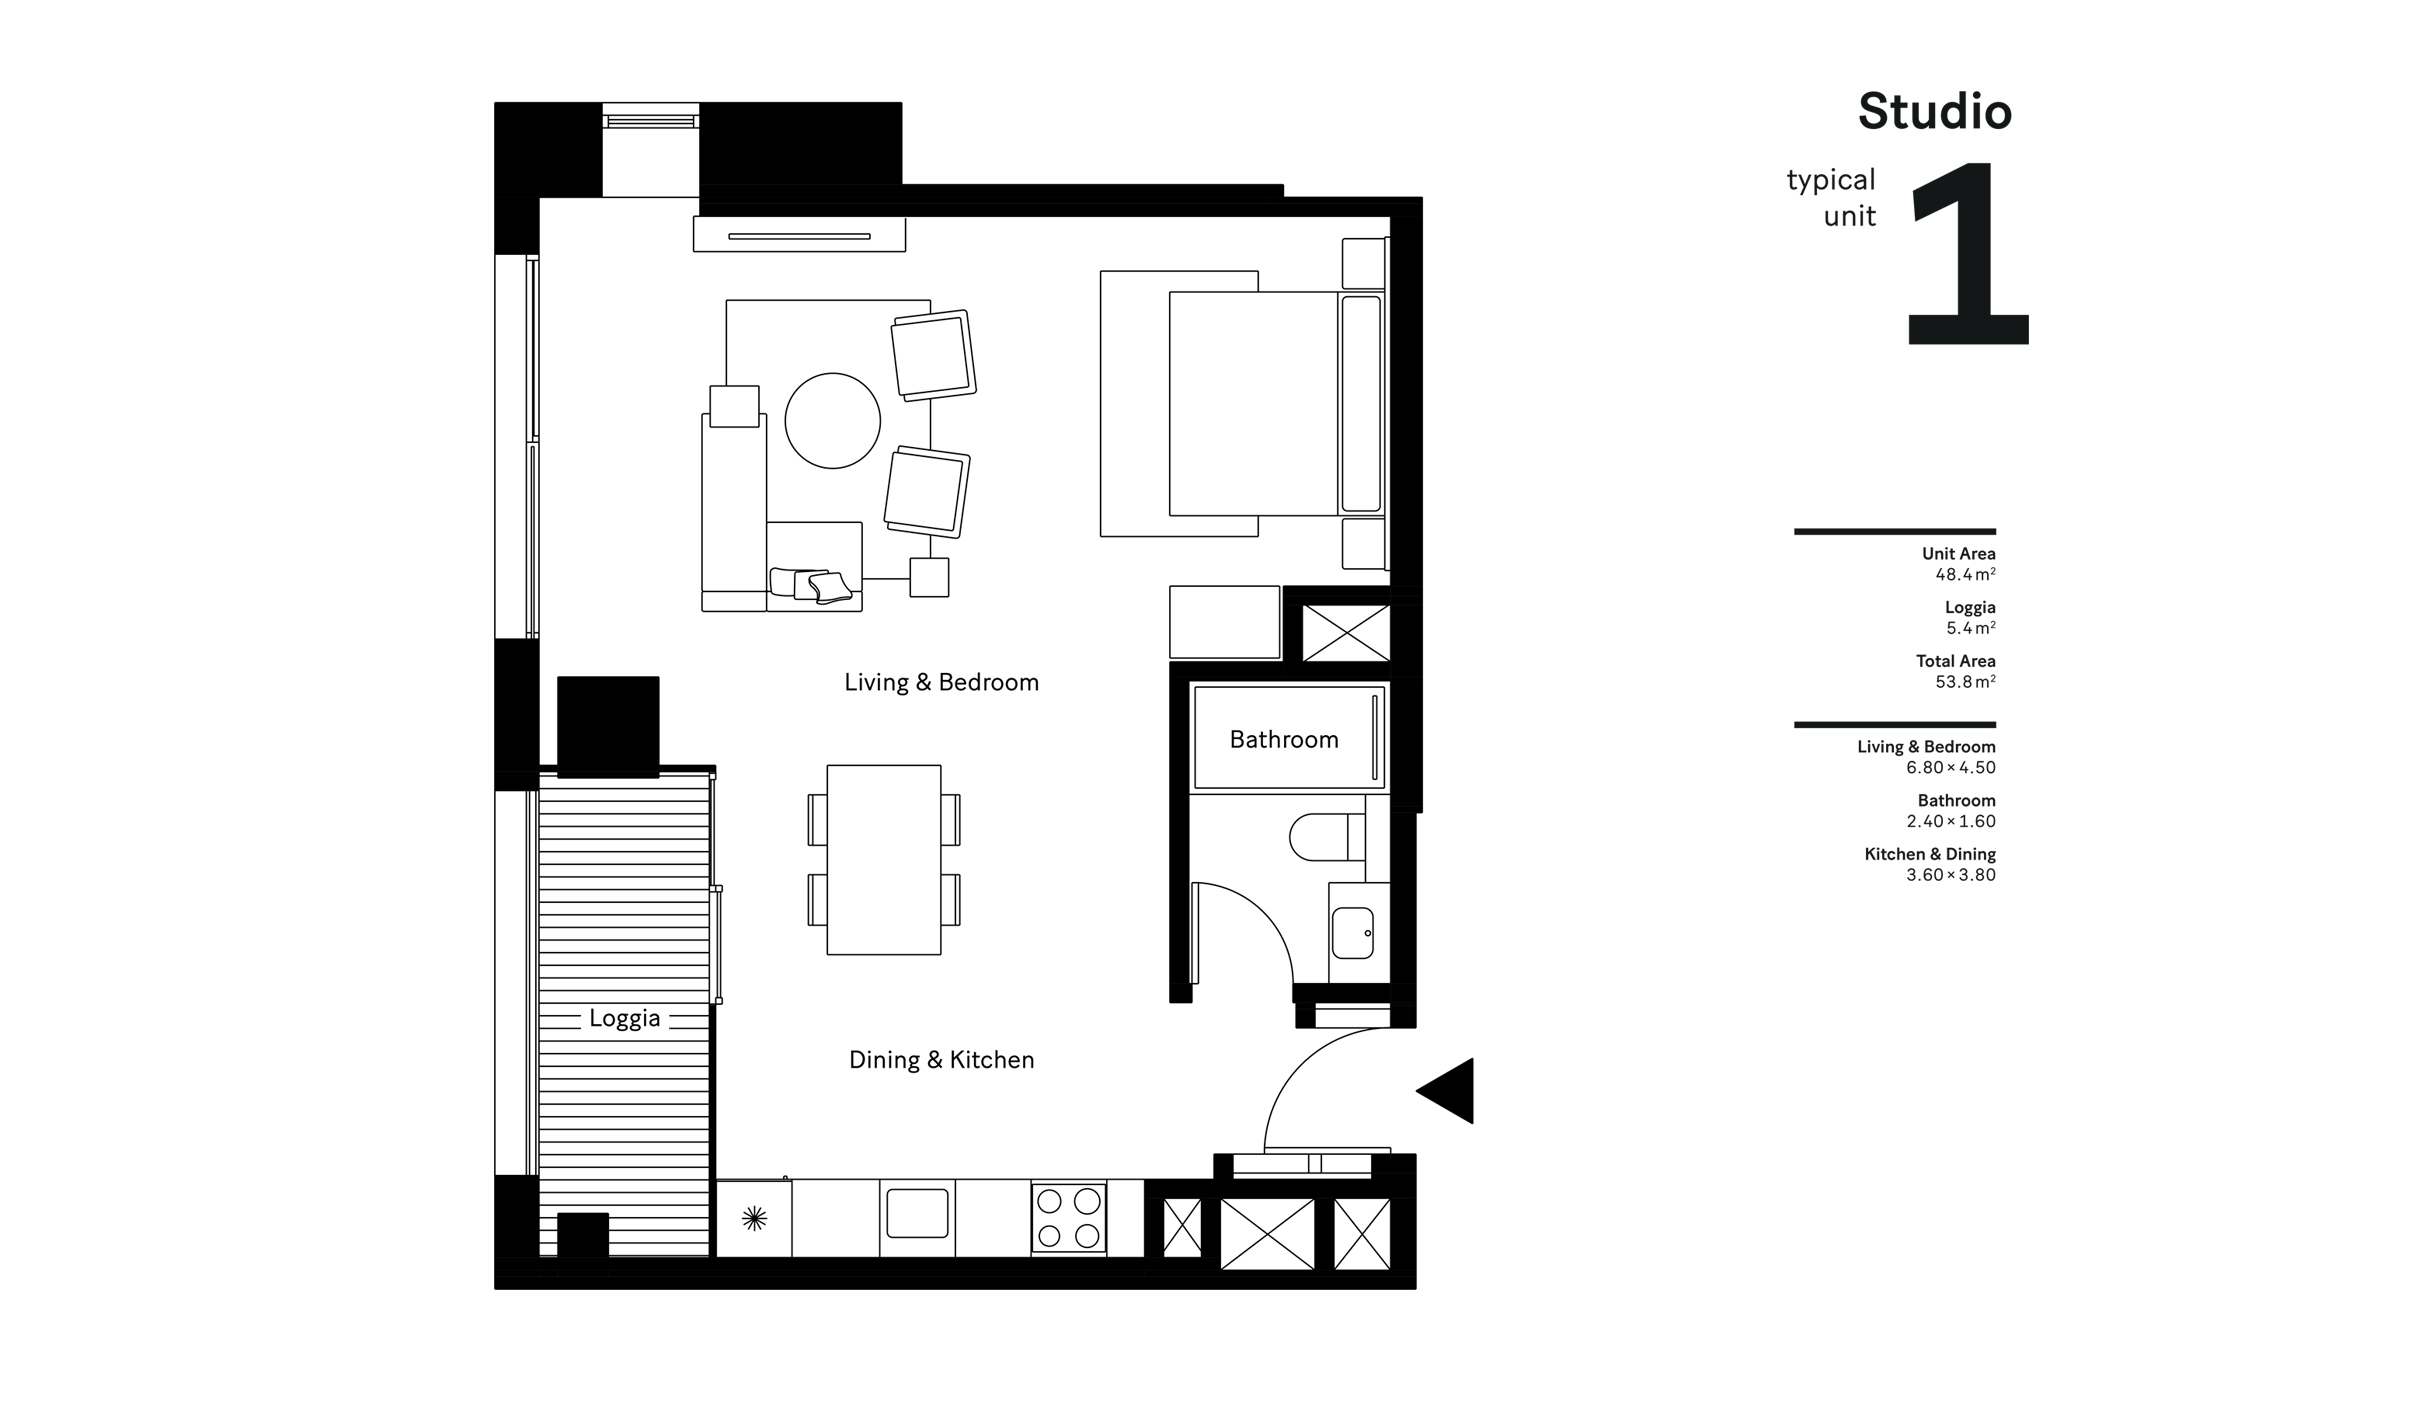 Studio Typical Unit 1, Size 53.8 Sqm